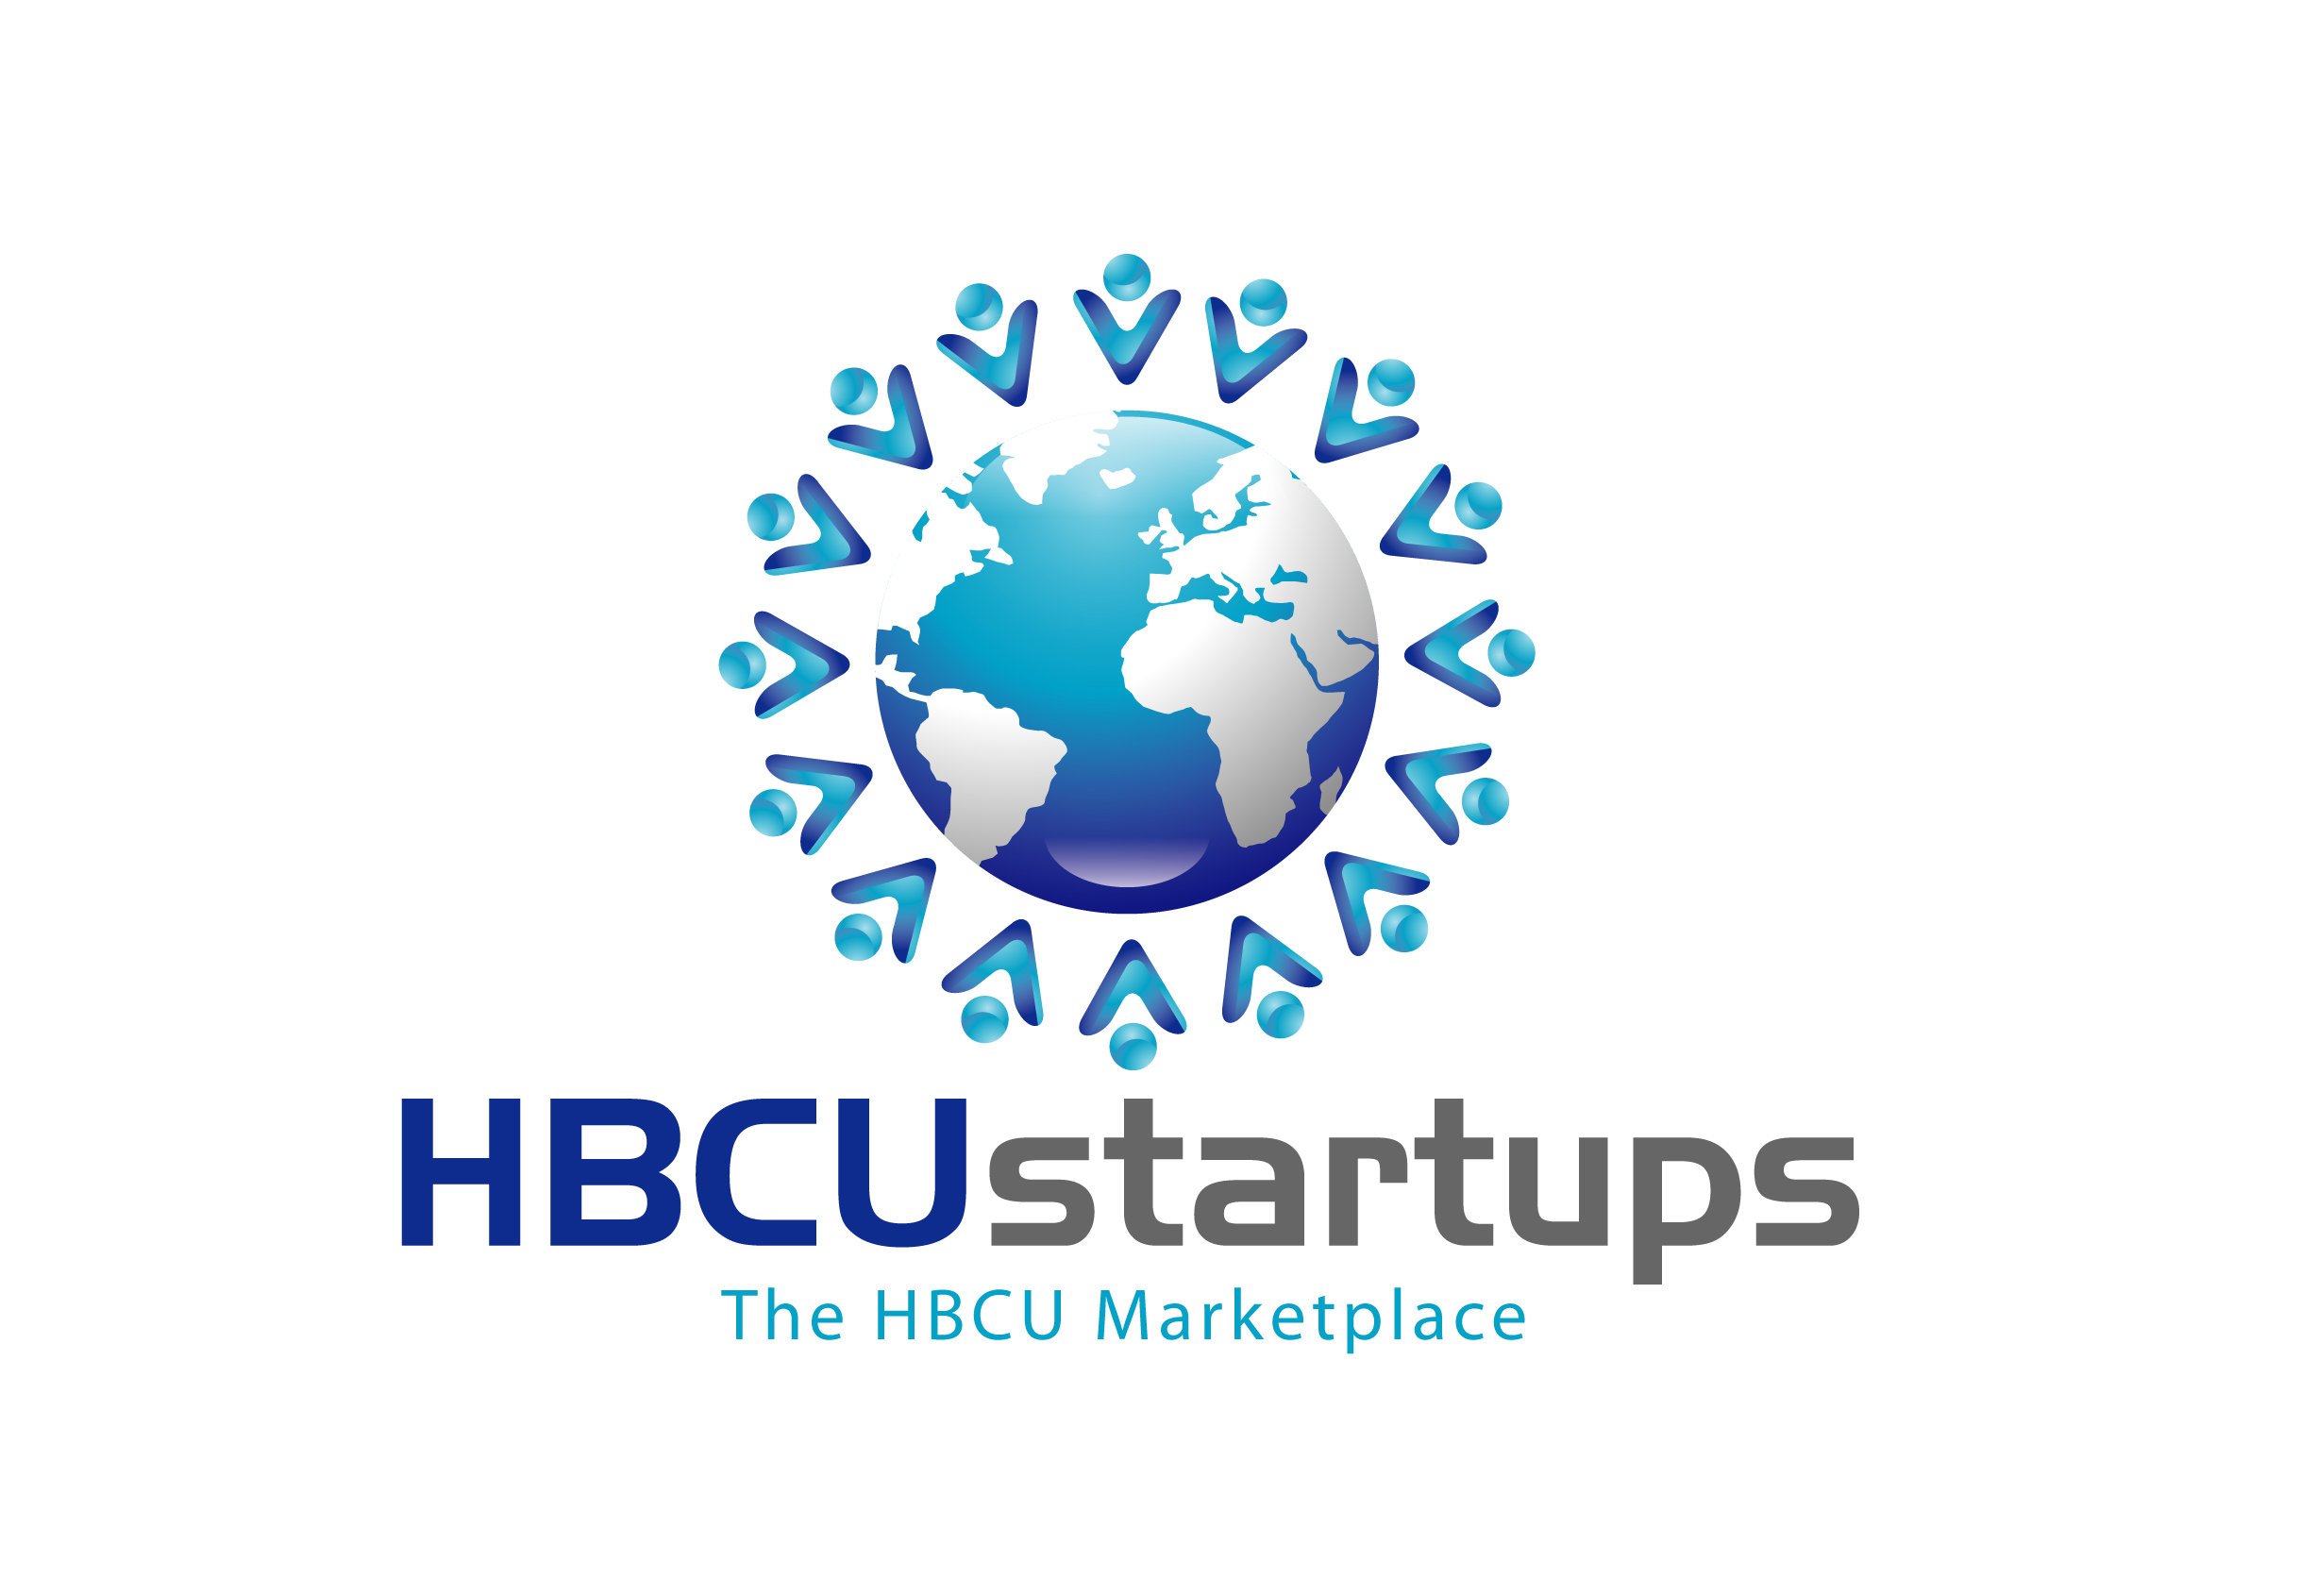 HBCU Startups